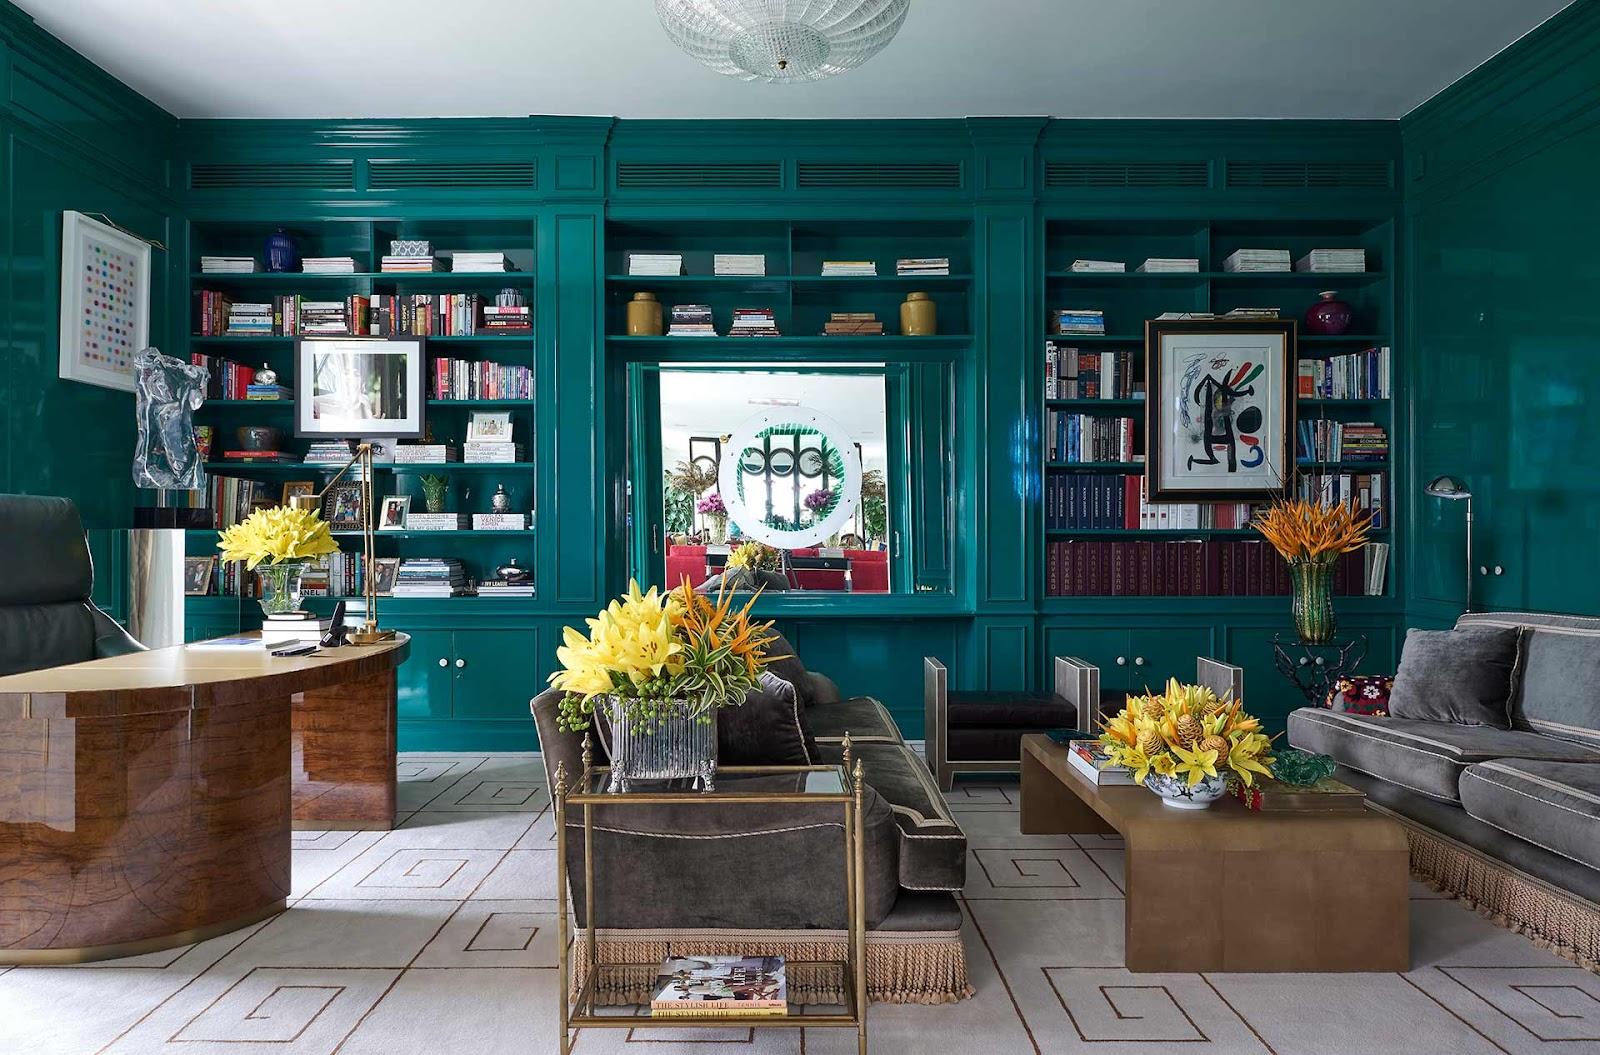 Escritório com armário verde, sofás, e mesas com plantas.